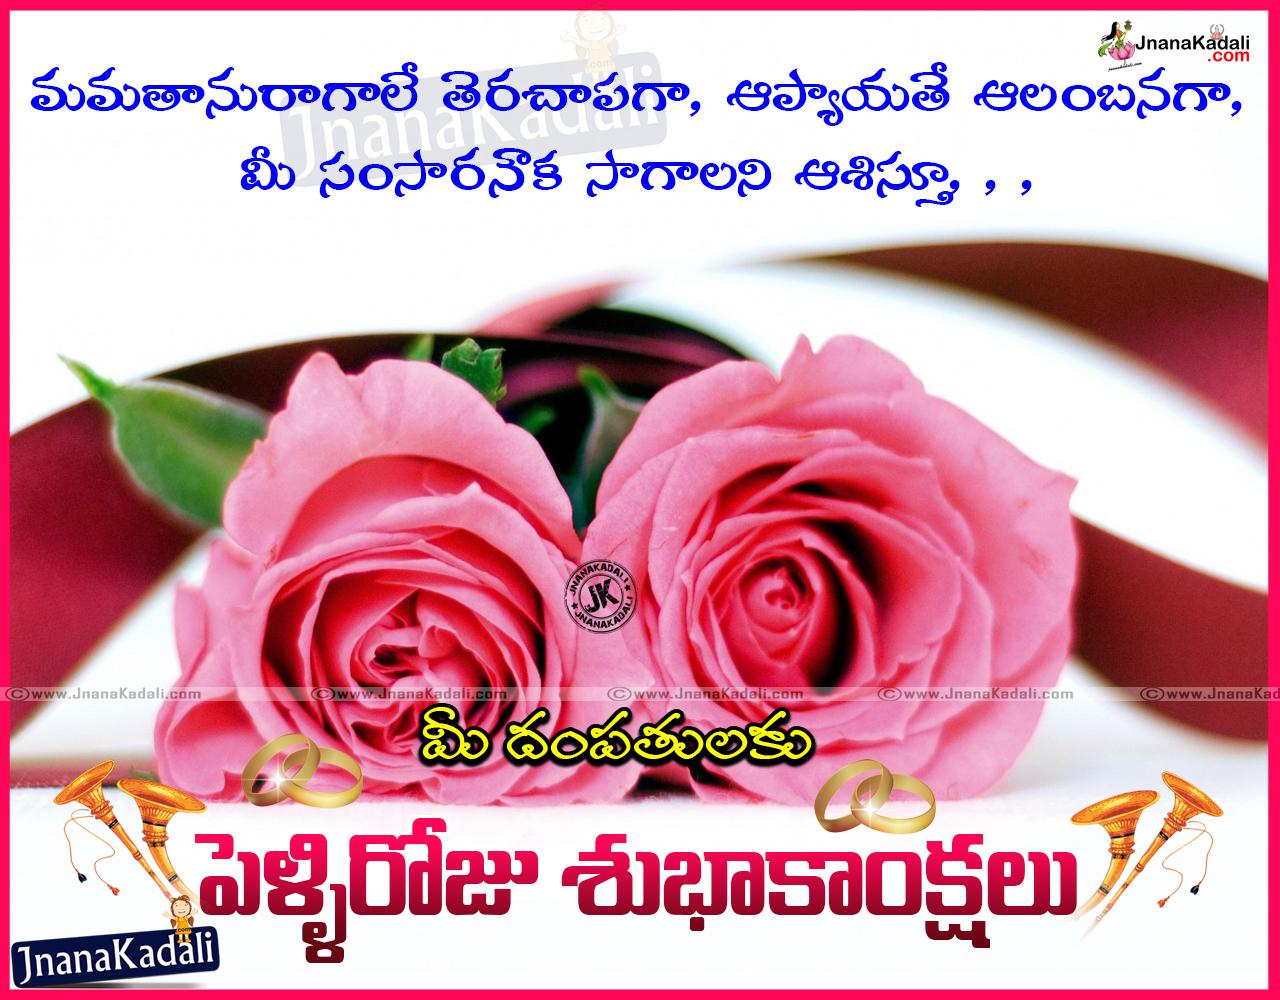 Best Telugu Marriage Anniversary Greetings Wedding Wishes Sms Marriage Day Wishes In Telugu Brainysms